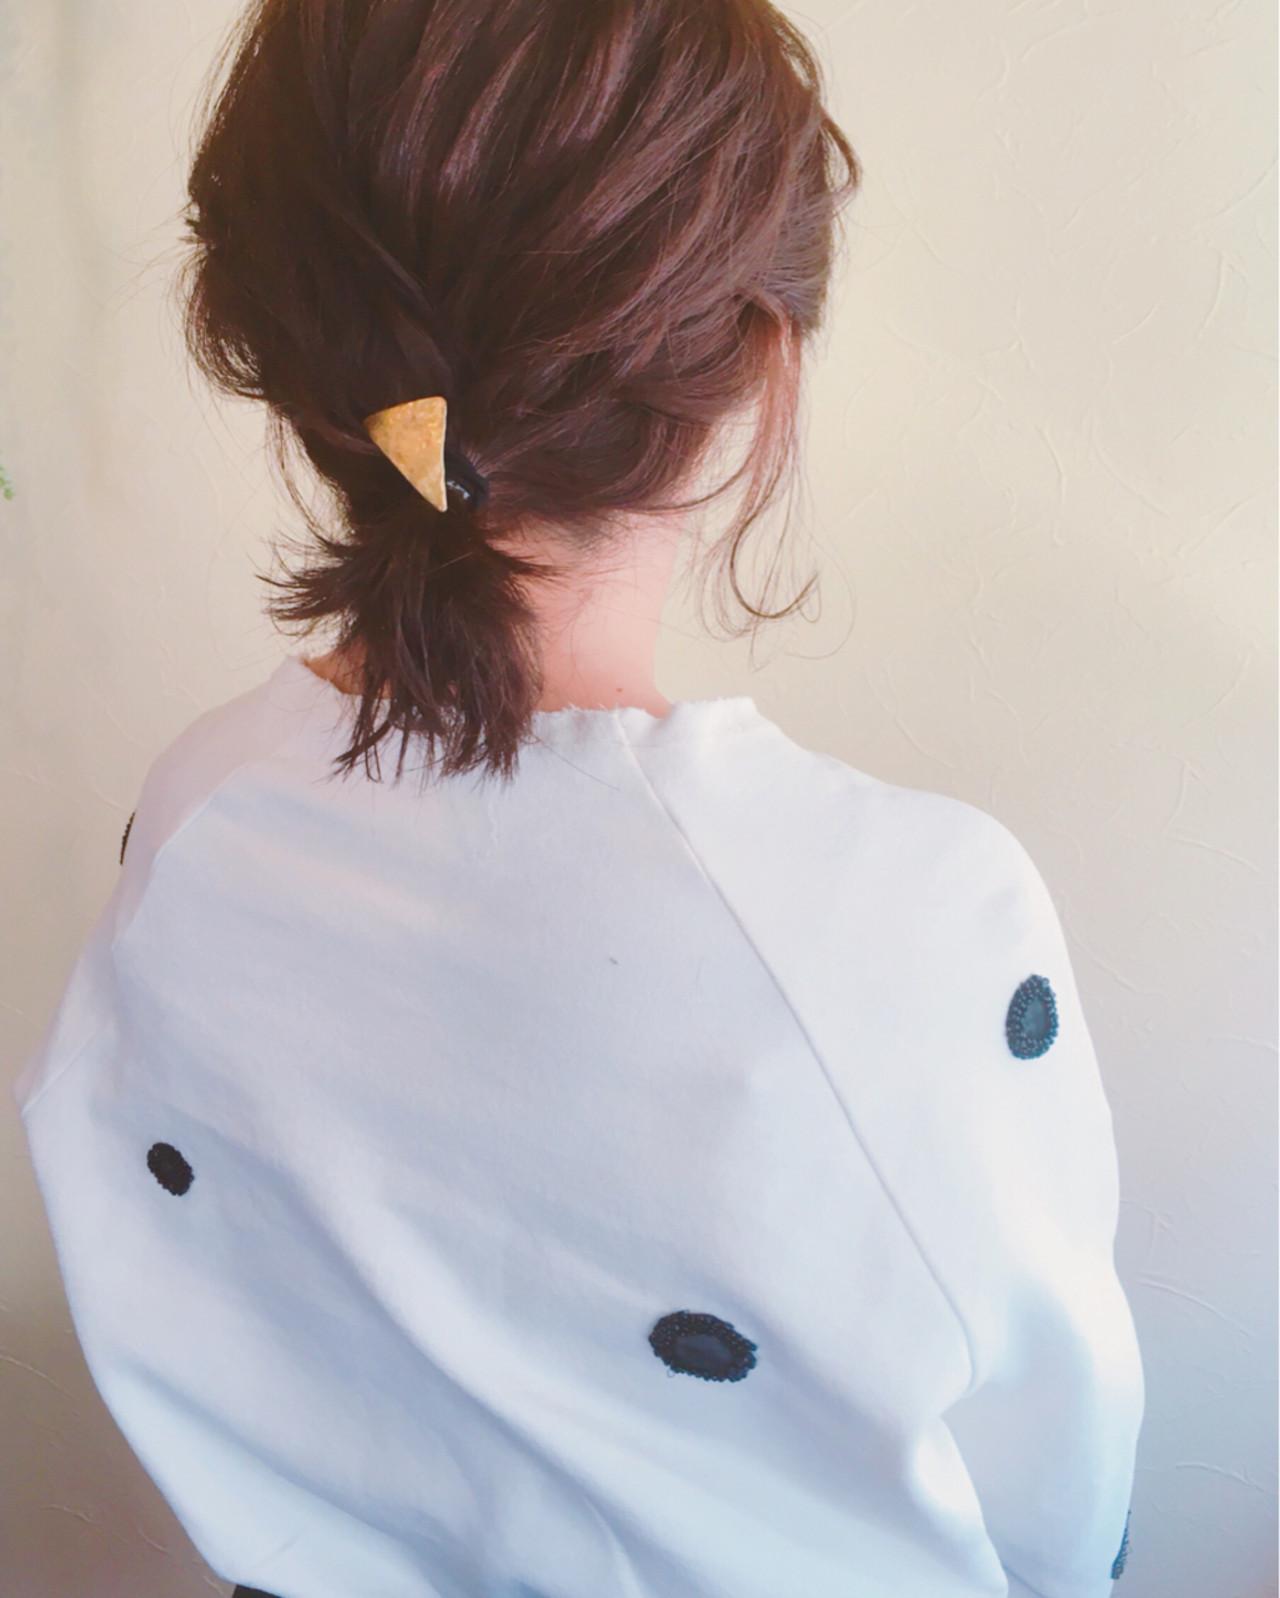 ヘアアレンジ 大人かわいい 簡単ヘアアレンジ ナチュラル ヘアスタイルや髪型の写真・画像